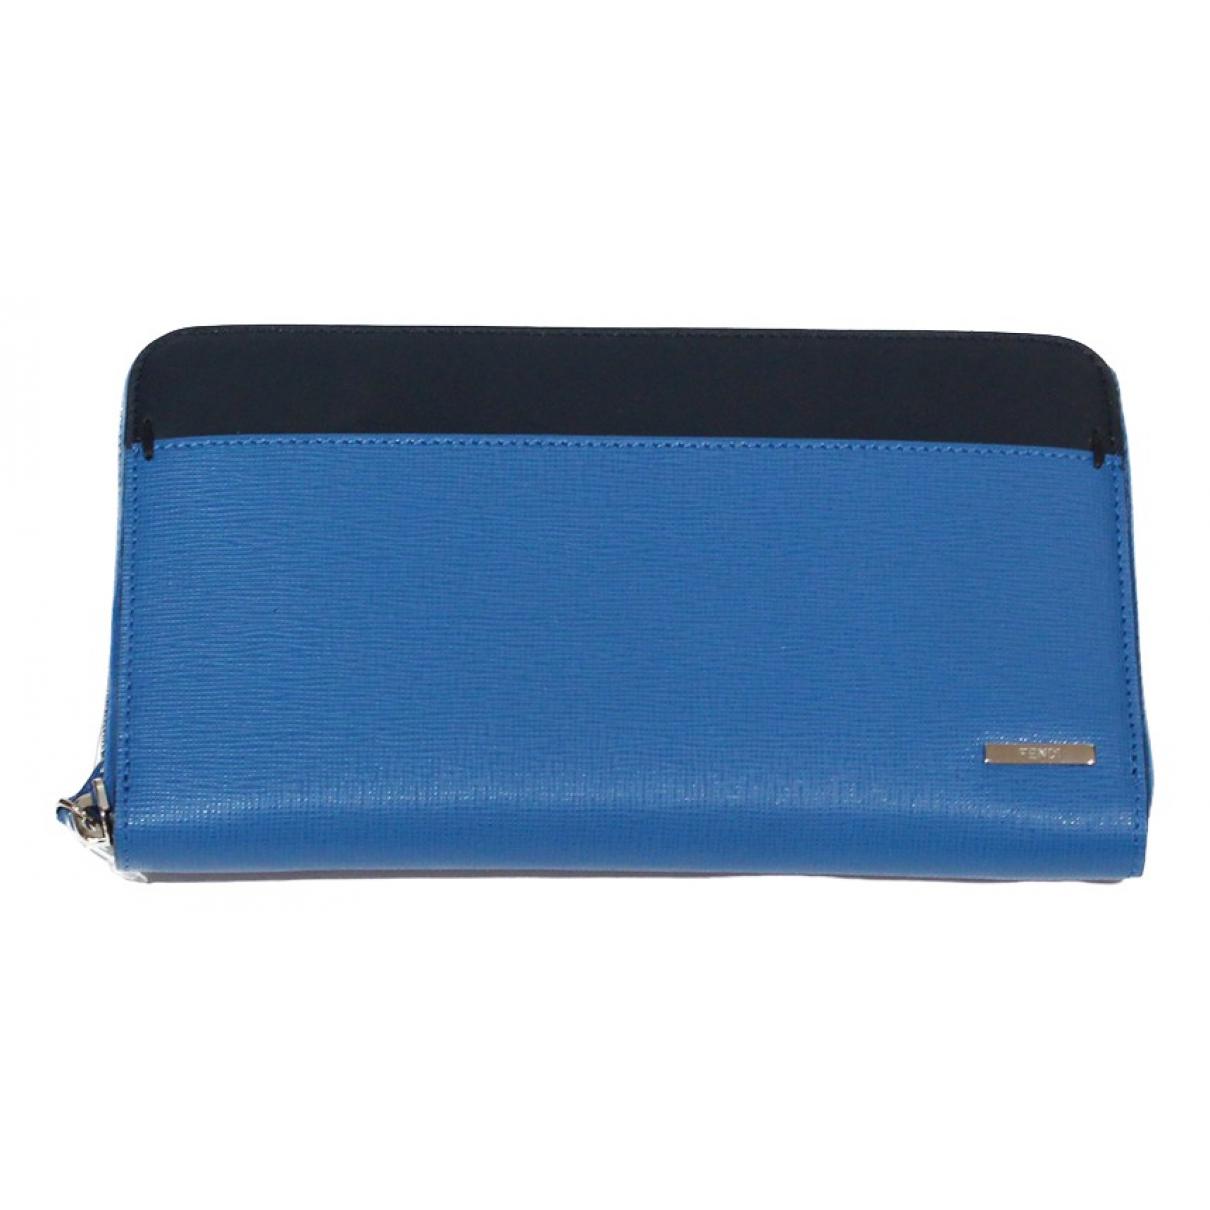 Fendi \N Blue Leather wallet for Women \N